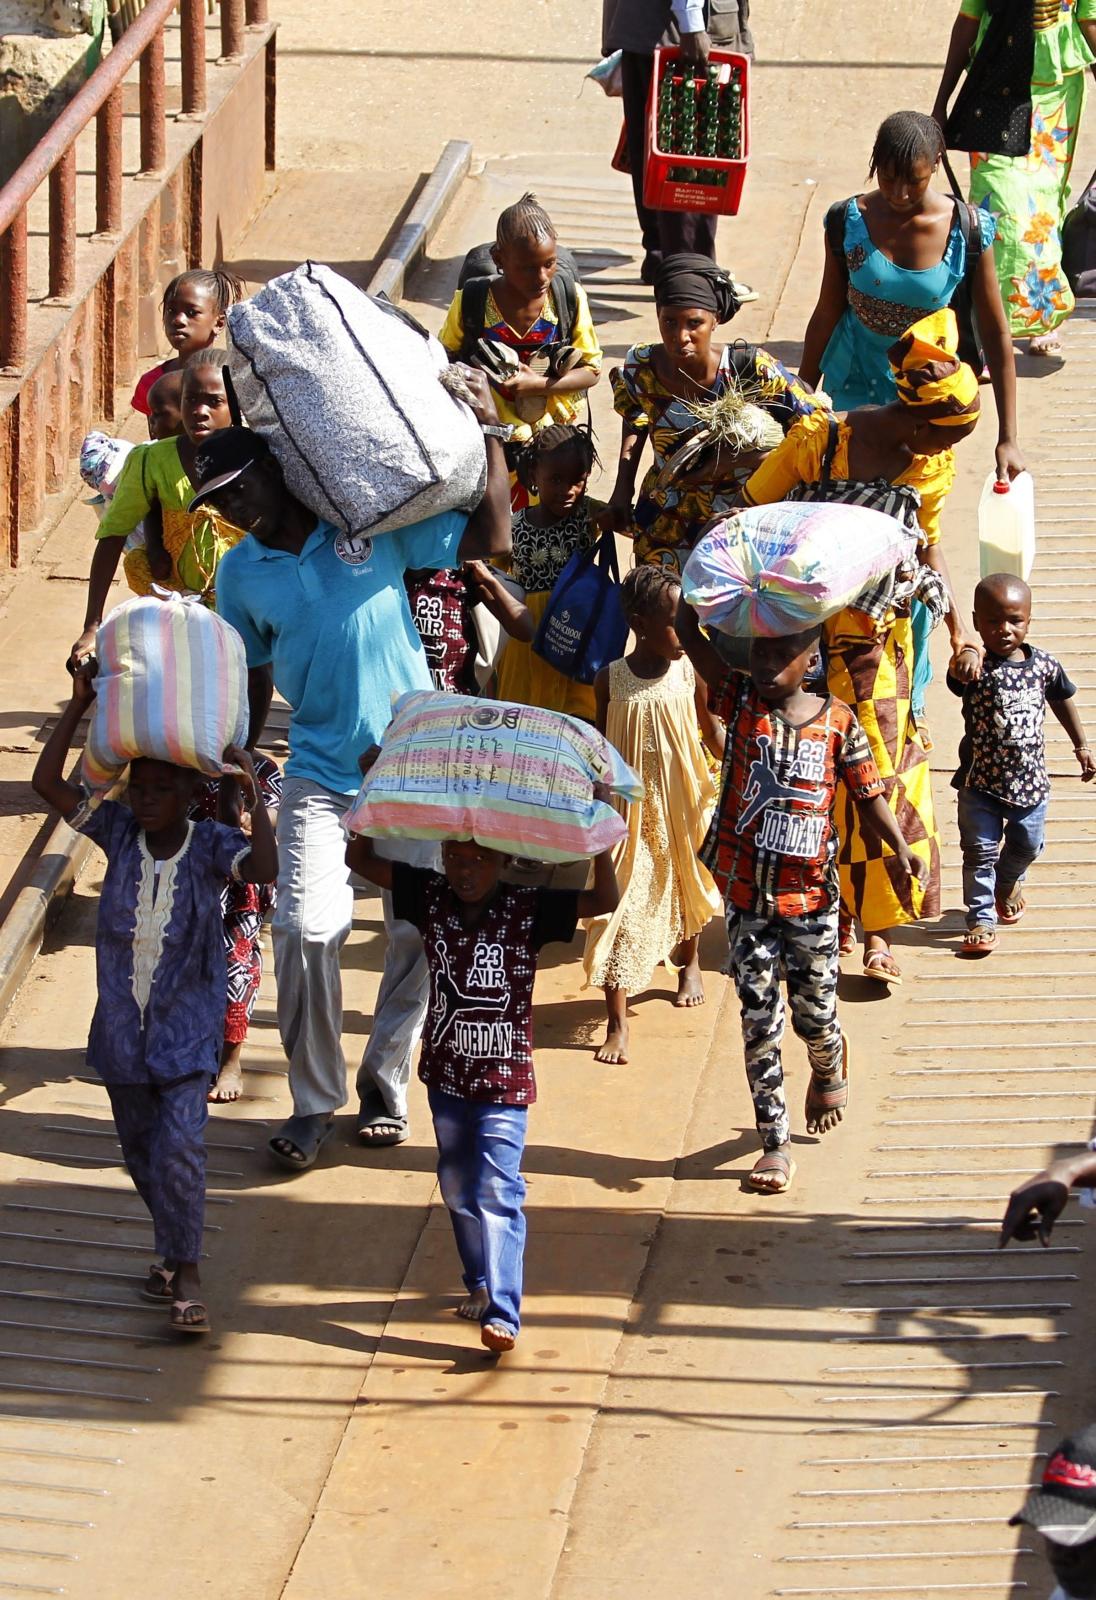 Gambijscy uchodźcy wracają do Banjul po wyborze nowego prezydenta. Fot. PAP/EPA/LEGNAN KOULA